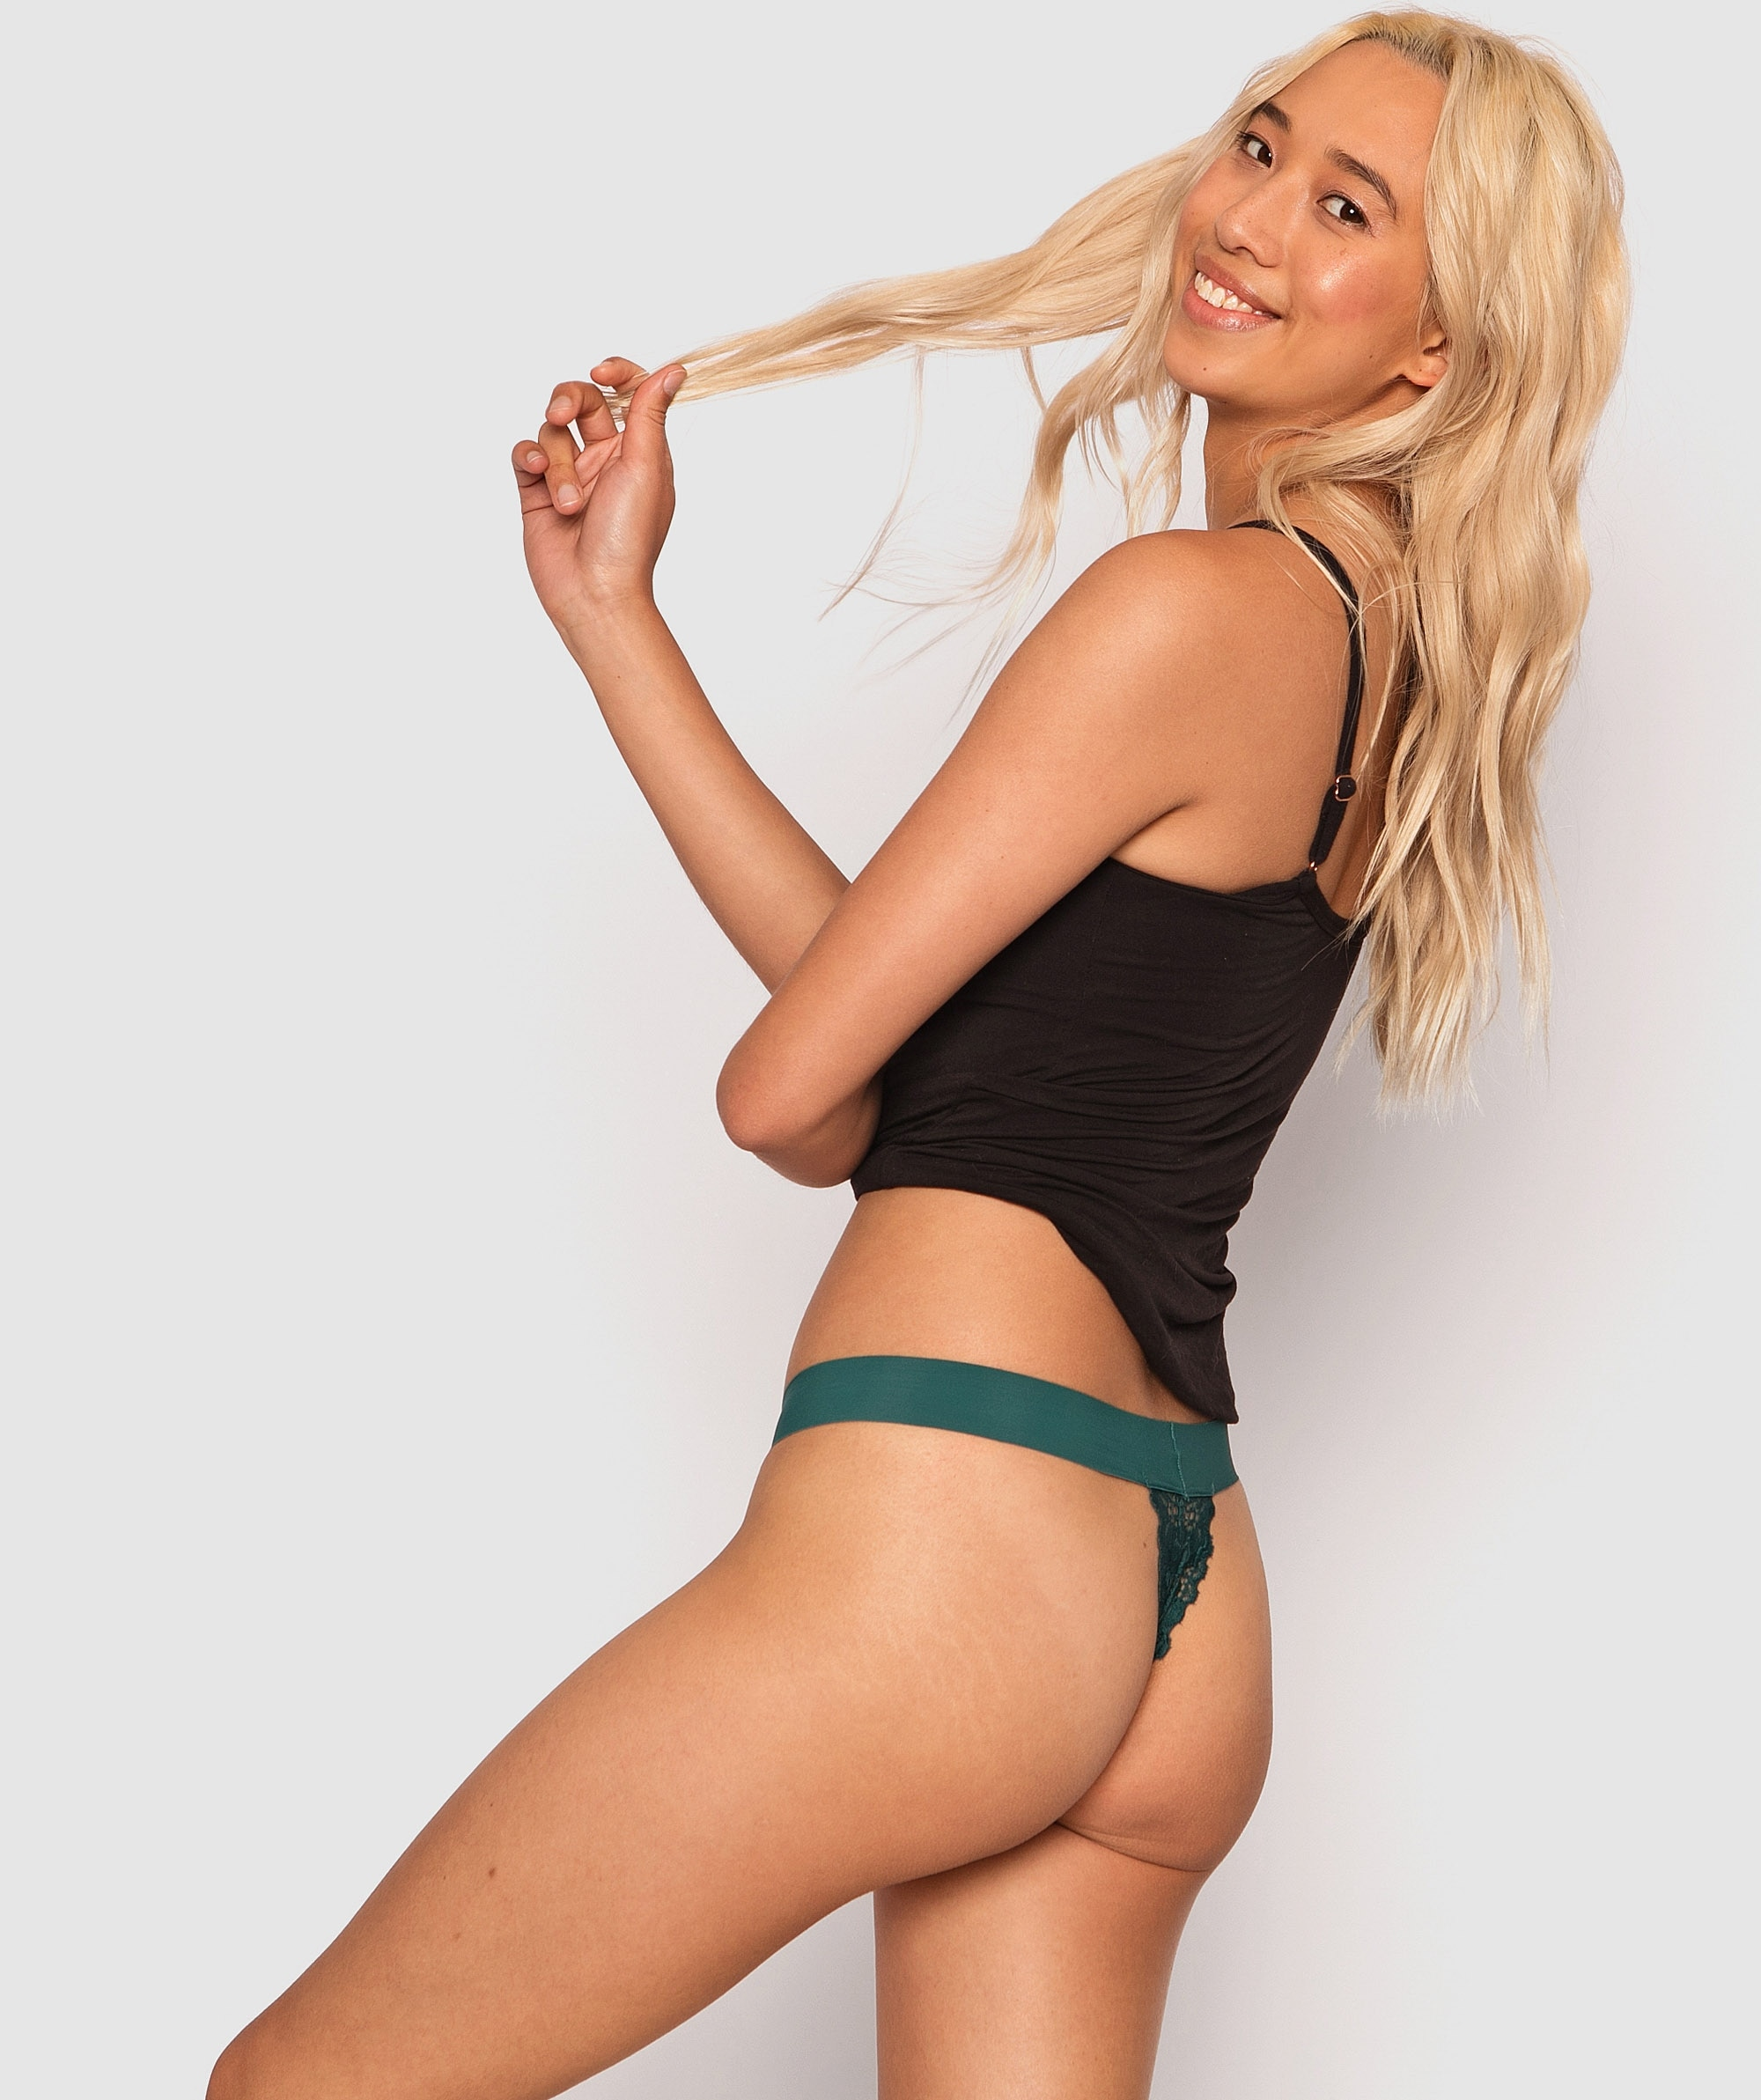 Chania V String Knicker - Dark Green